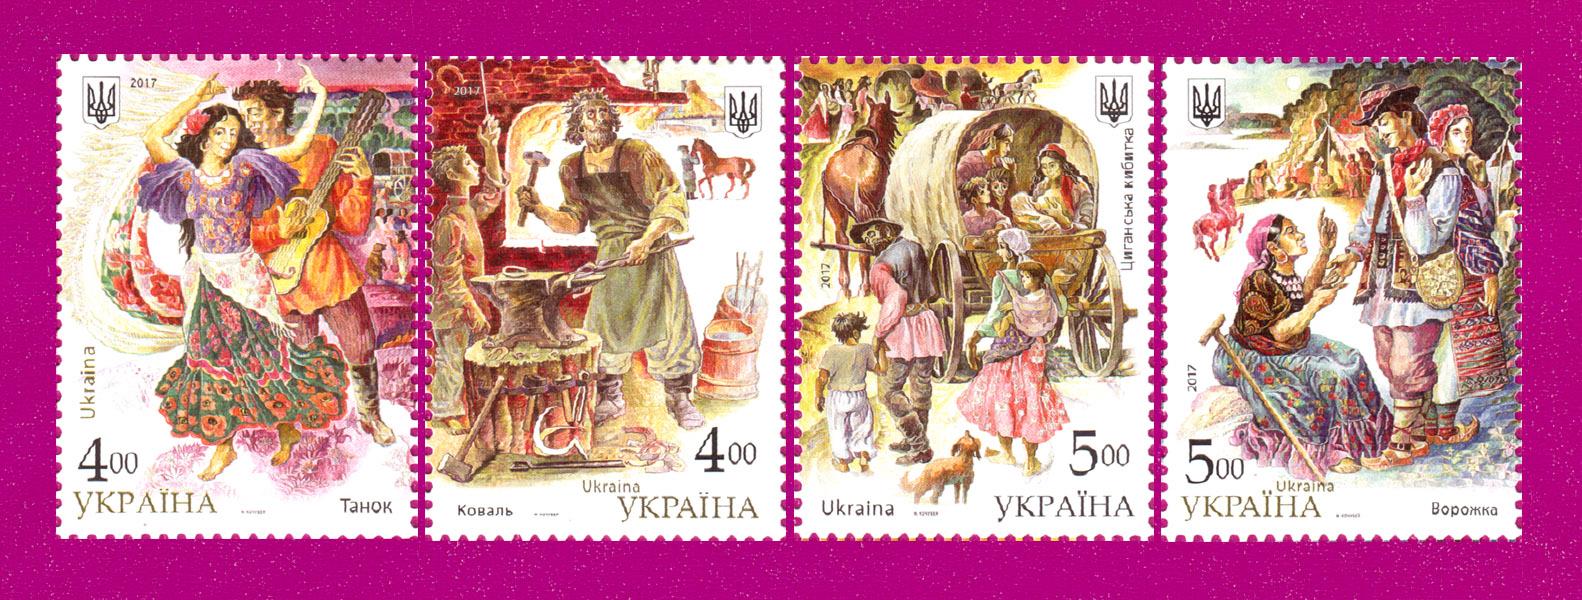 2017 марки Цыгане СЕРИЯ Украина